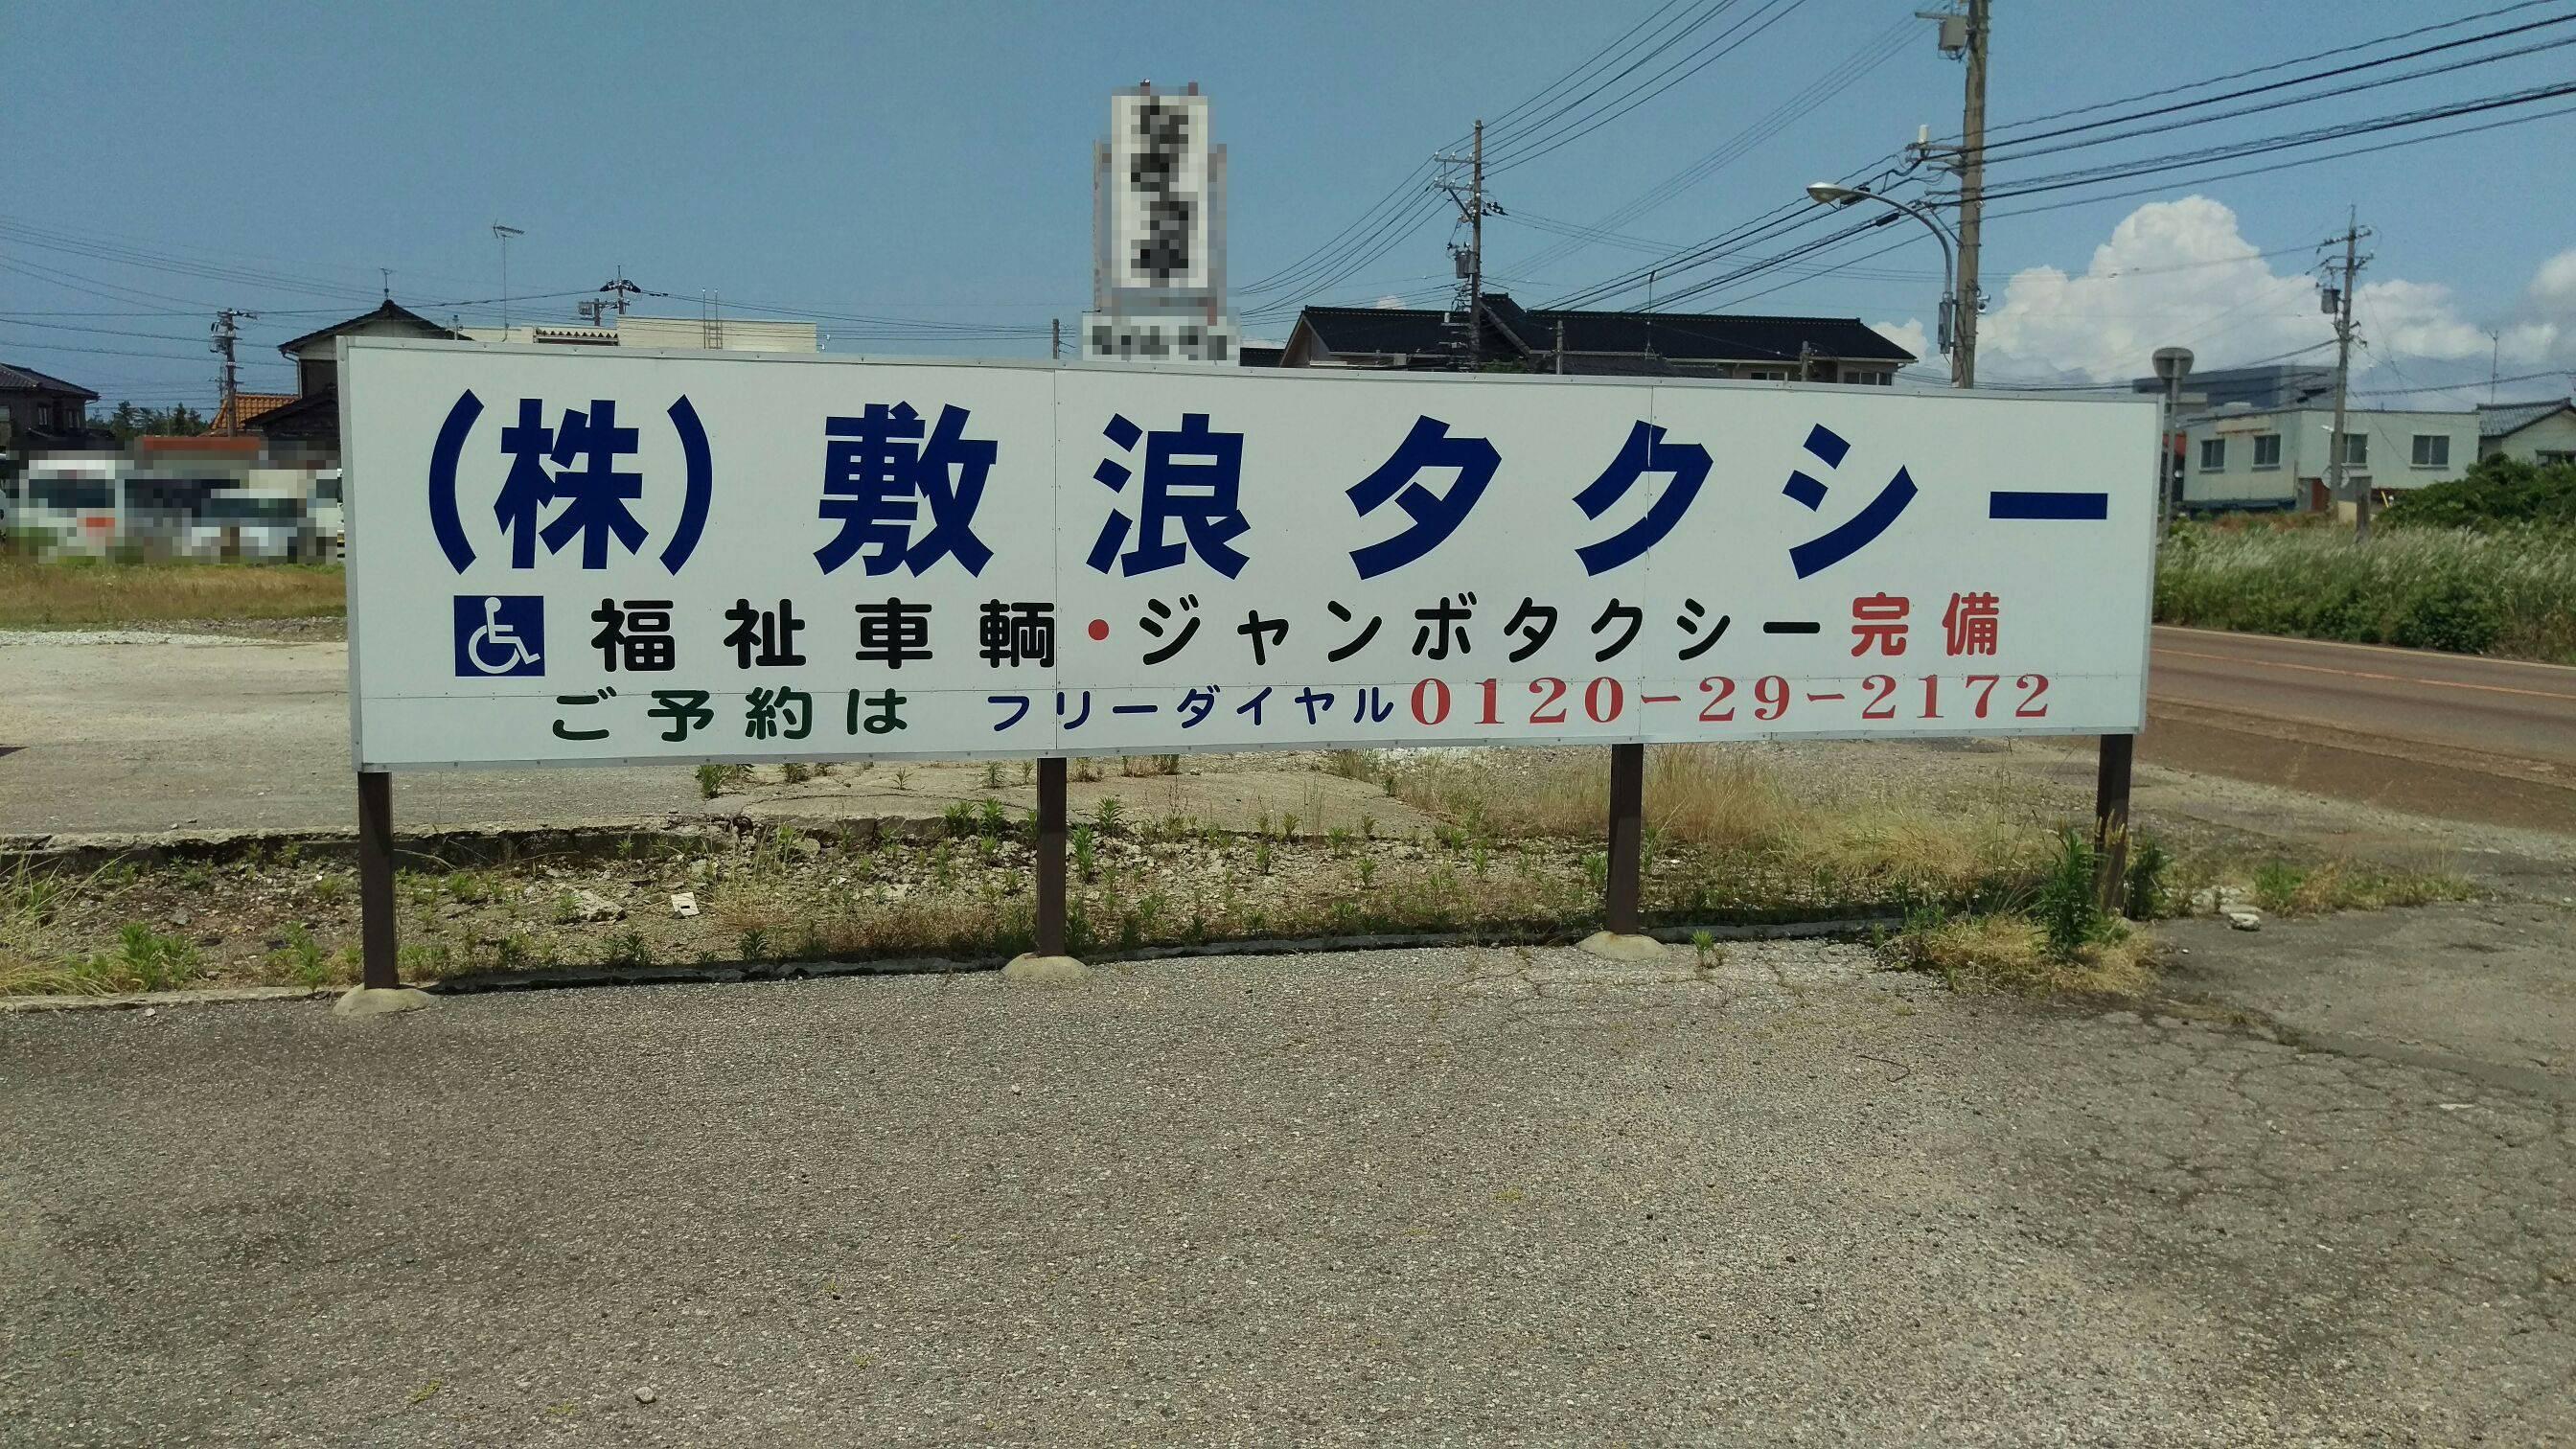 株式会社 敷浪タクシー